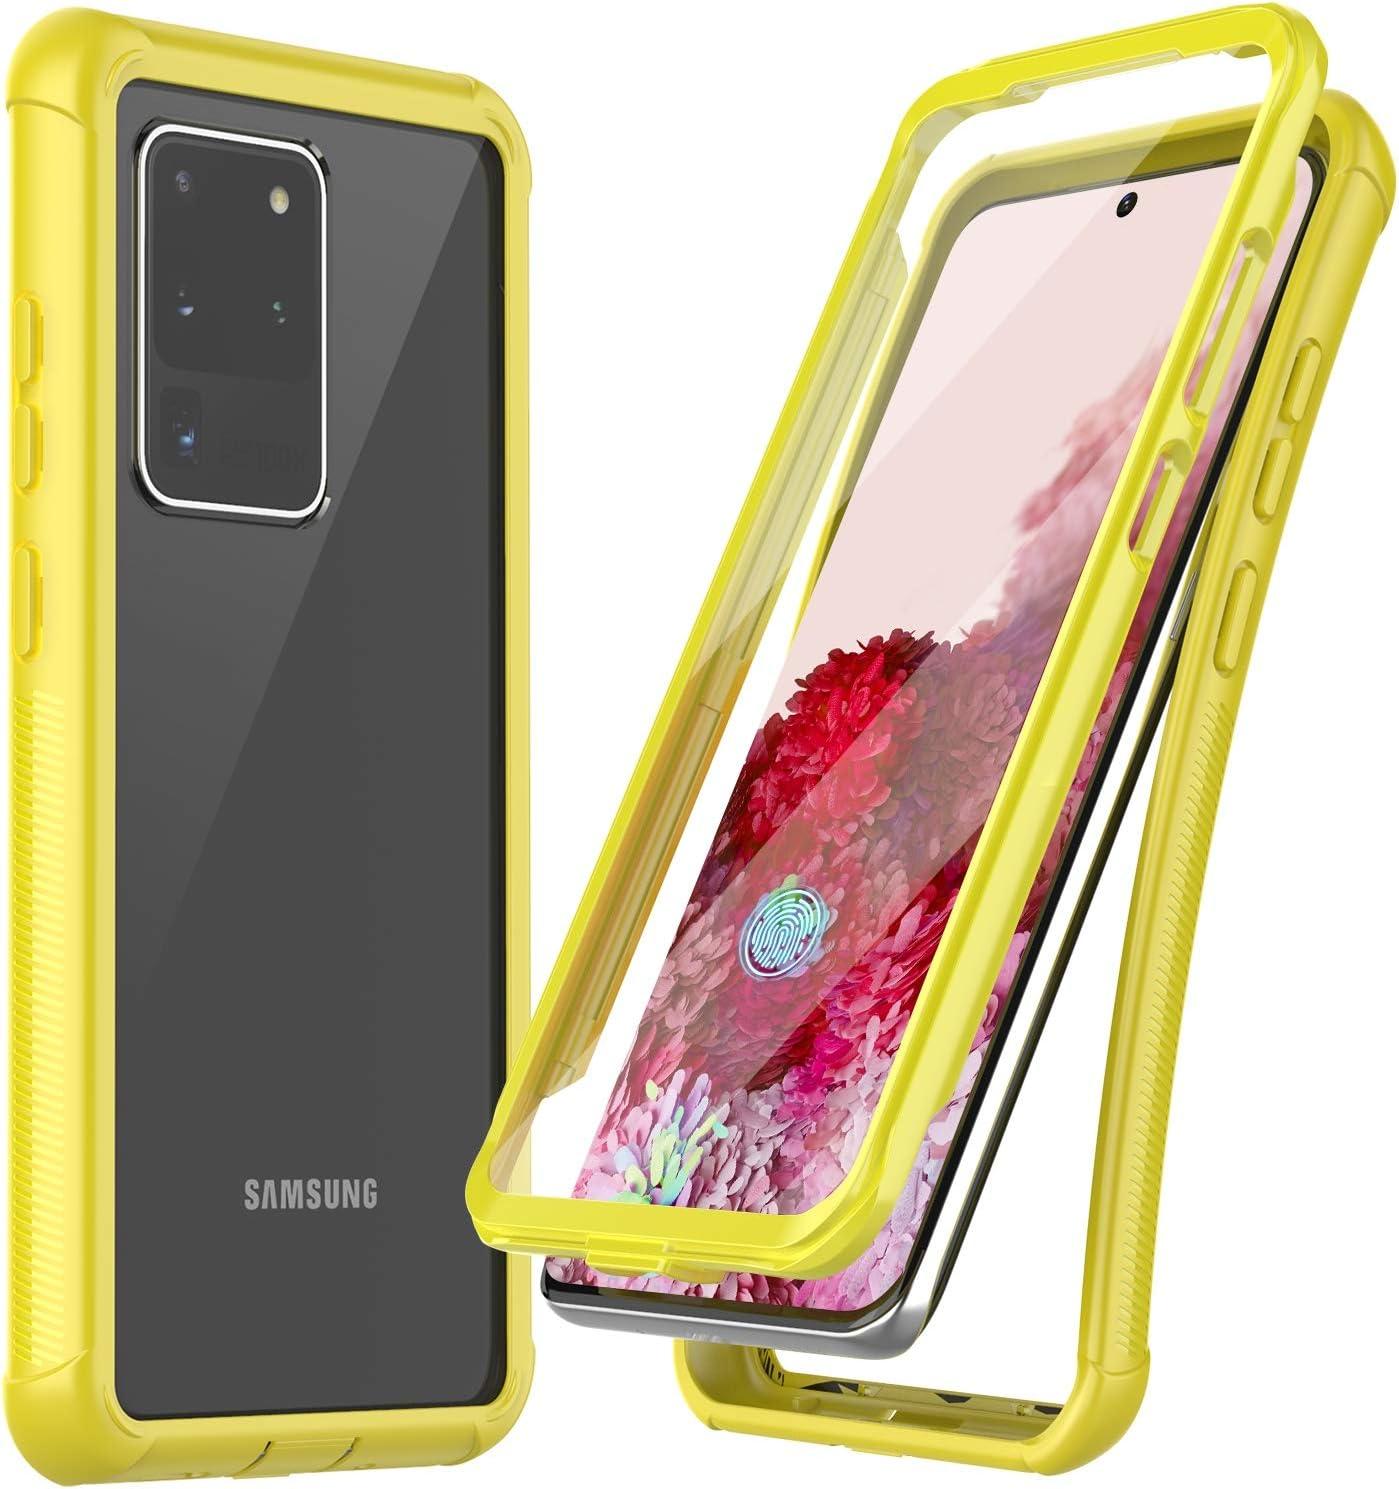 Funda Con Protector de Pantalla Samsung Galaxy S20 U (6HTT)